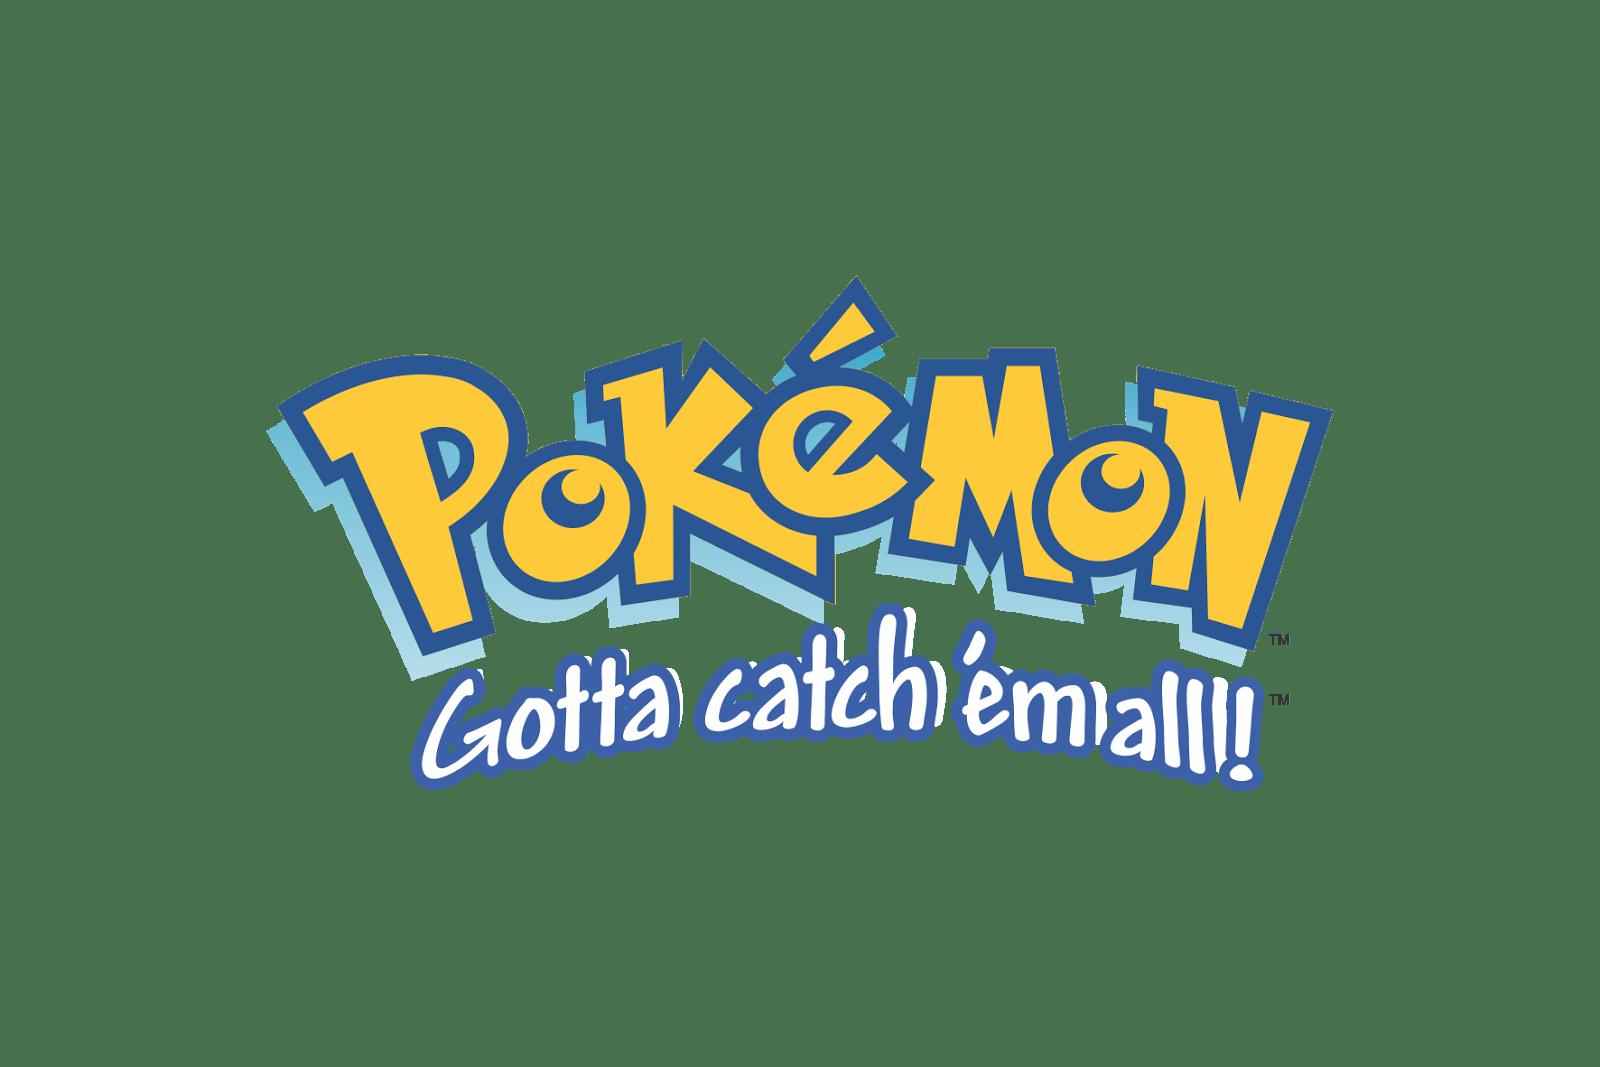 Pokémon Logo Gotta catch 'em all! Pokémon Logos